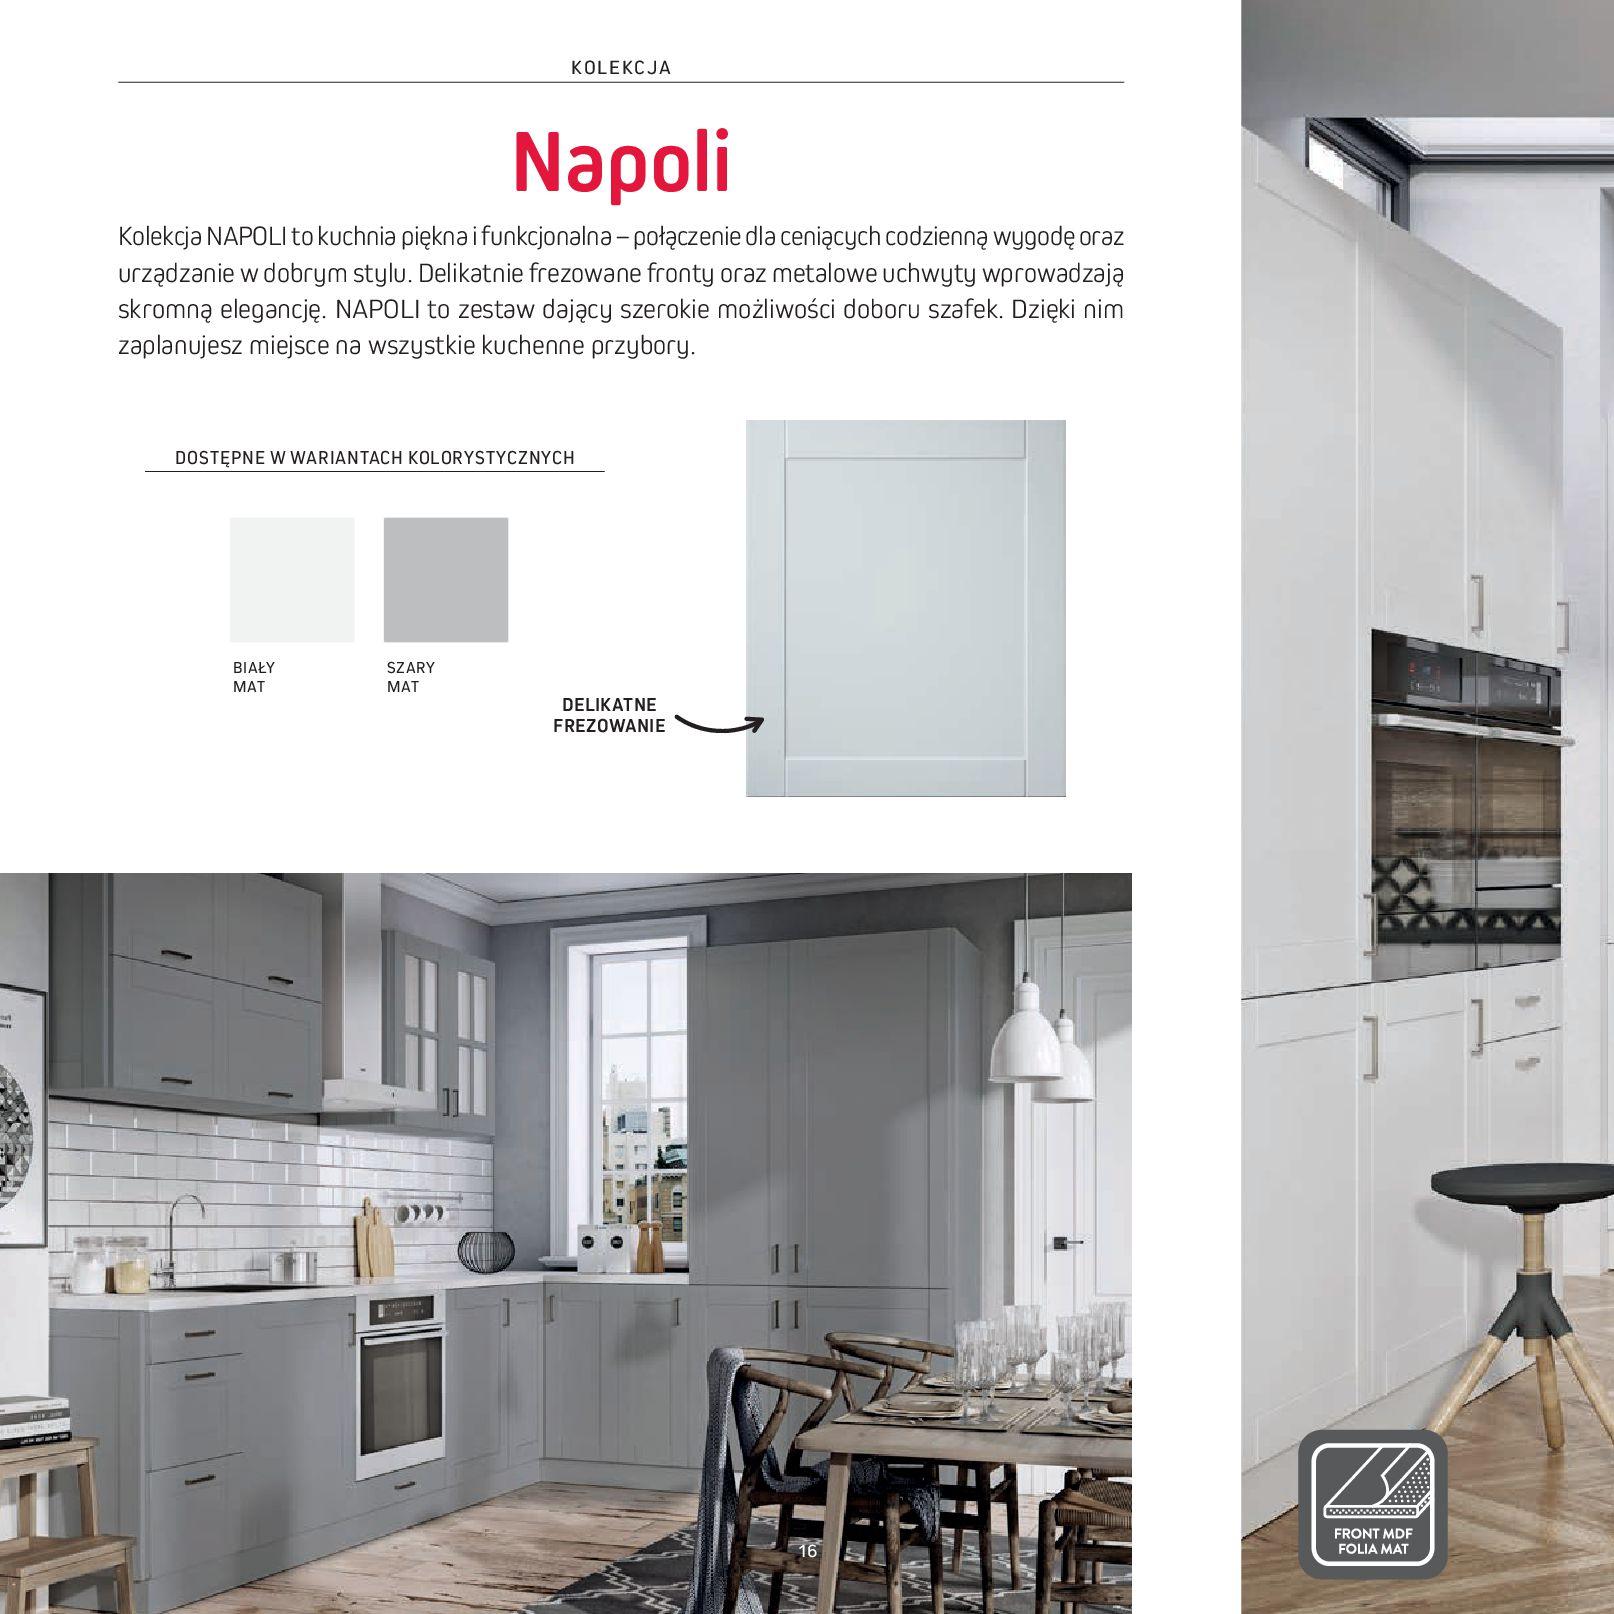 Gazetka Komfort: Gazetka Komfort - Katalog Kuchnie 2021 2021-06-16 page-18